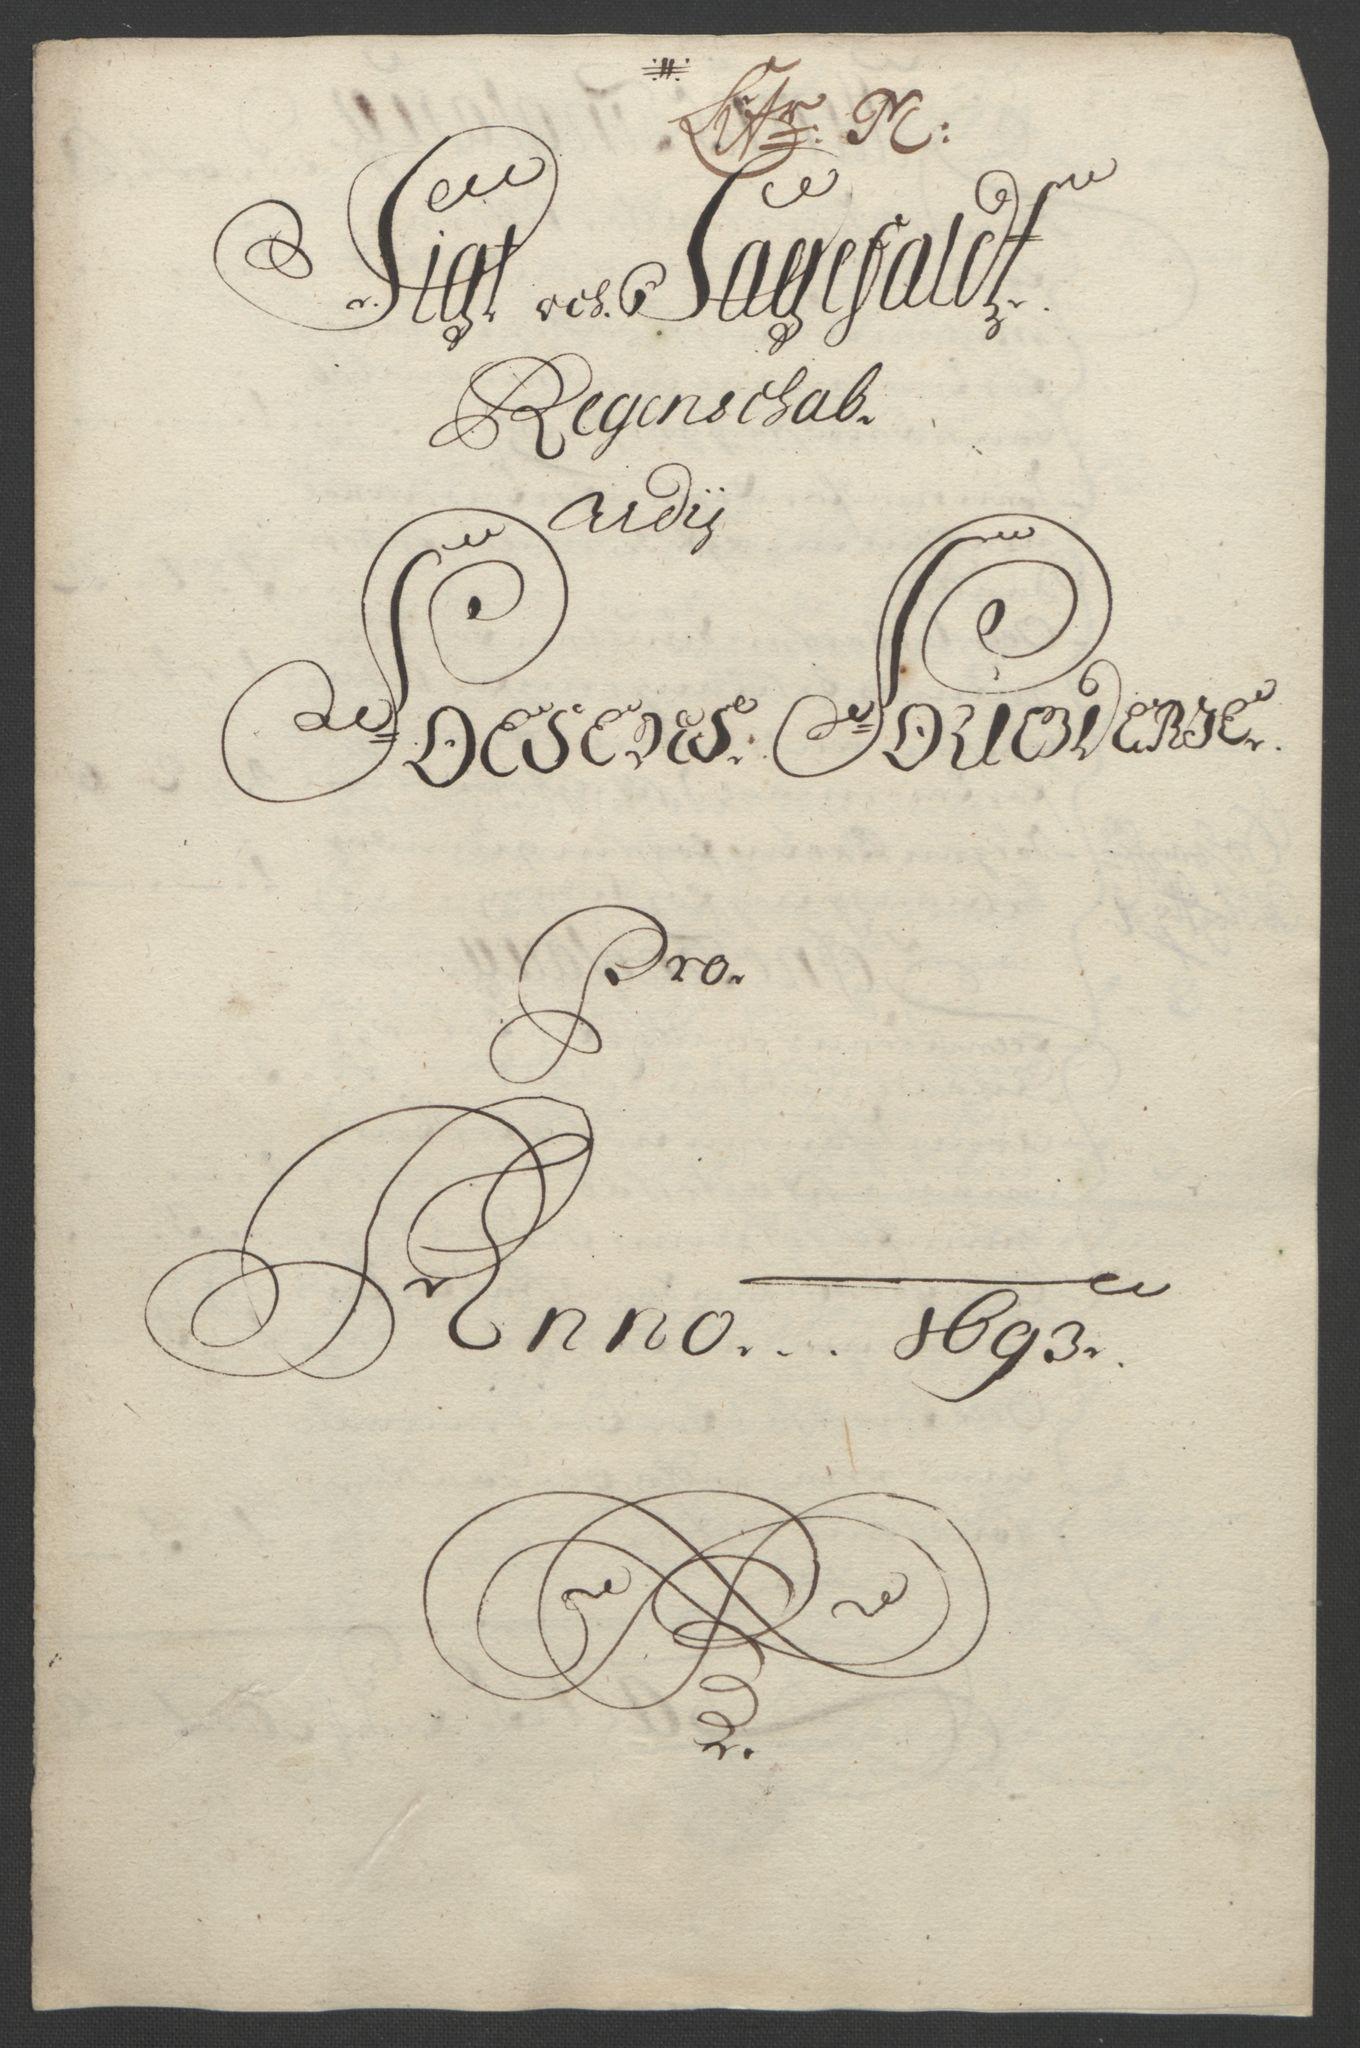 RA, Rentekammeret inntil 1814, Reviderte regnskaper, Fogderegnskap, R57/L3849: Fogderegnskap Fosen, 1692-1693, s. 554